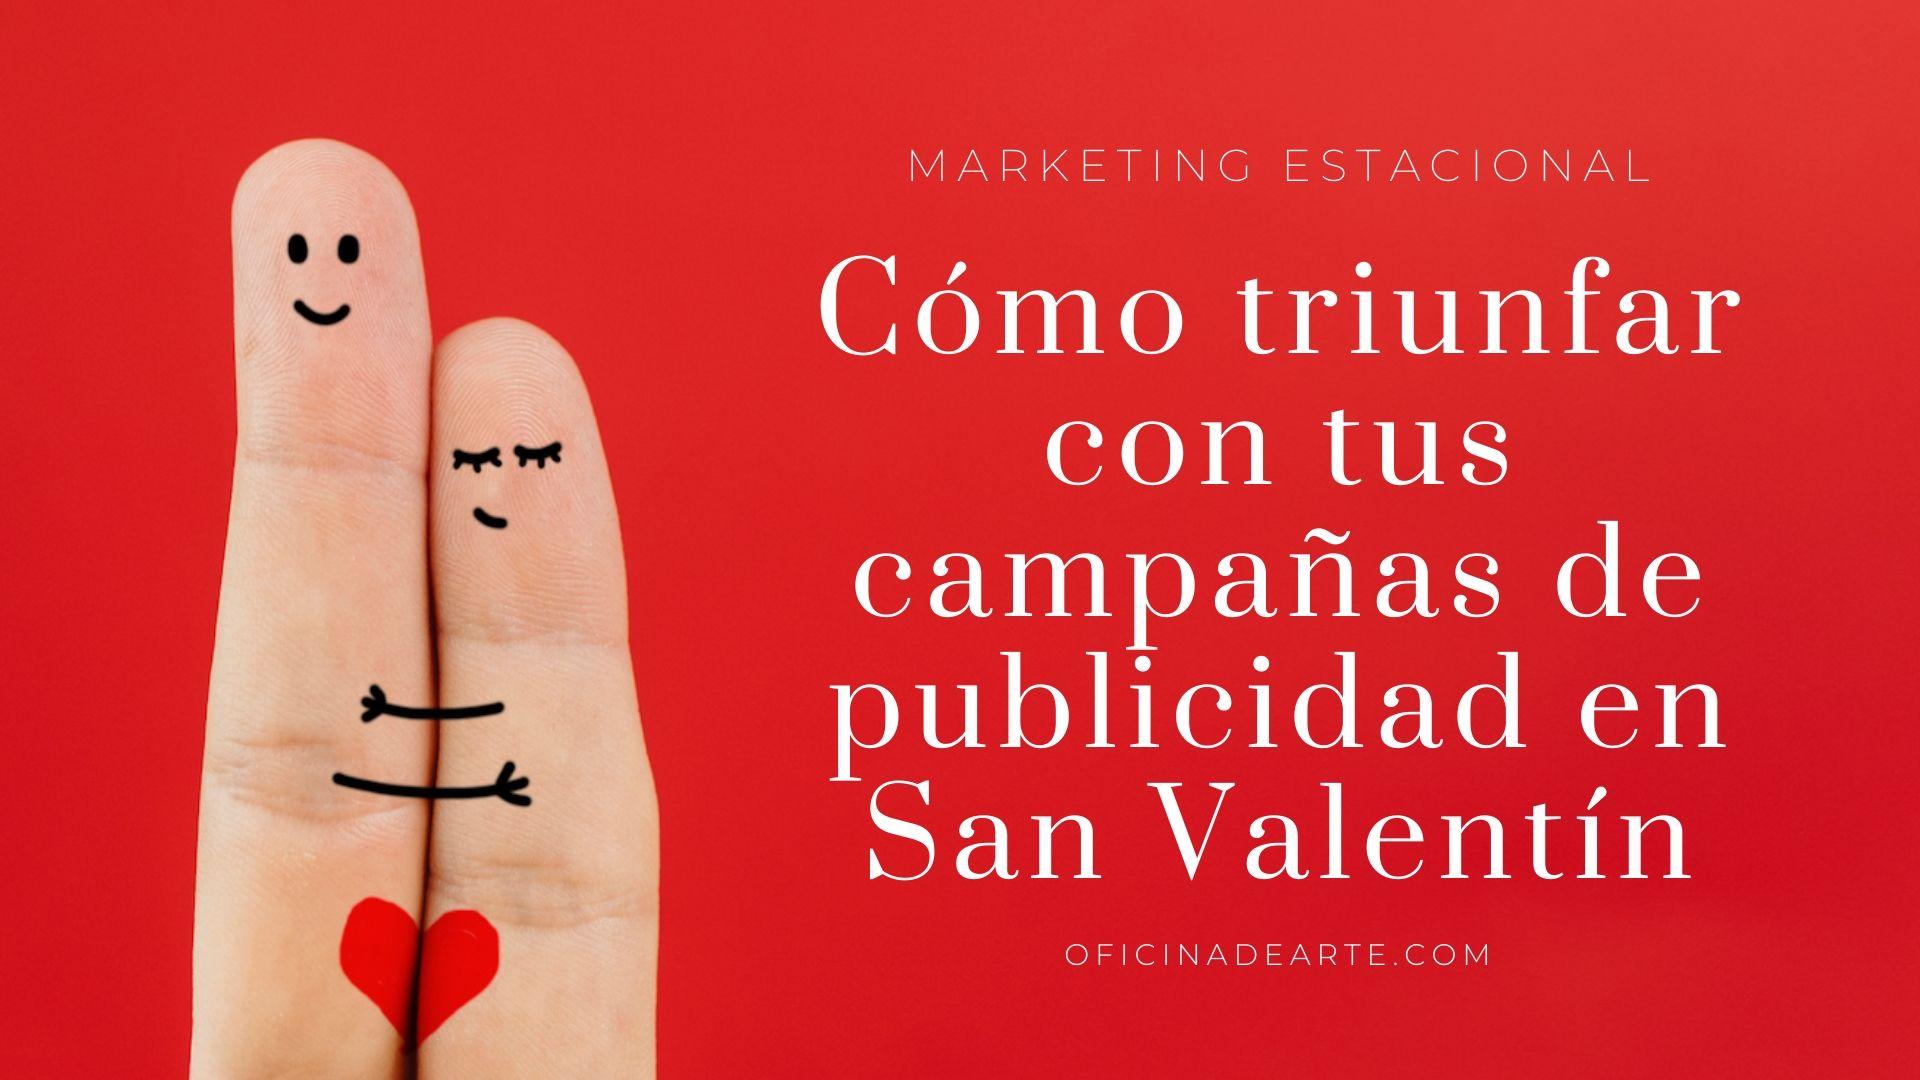 campañas de publicidad en San Valenín